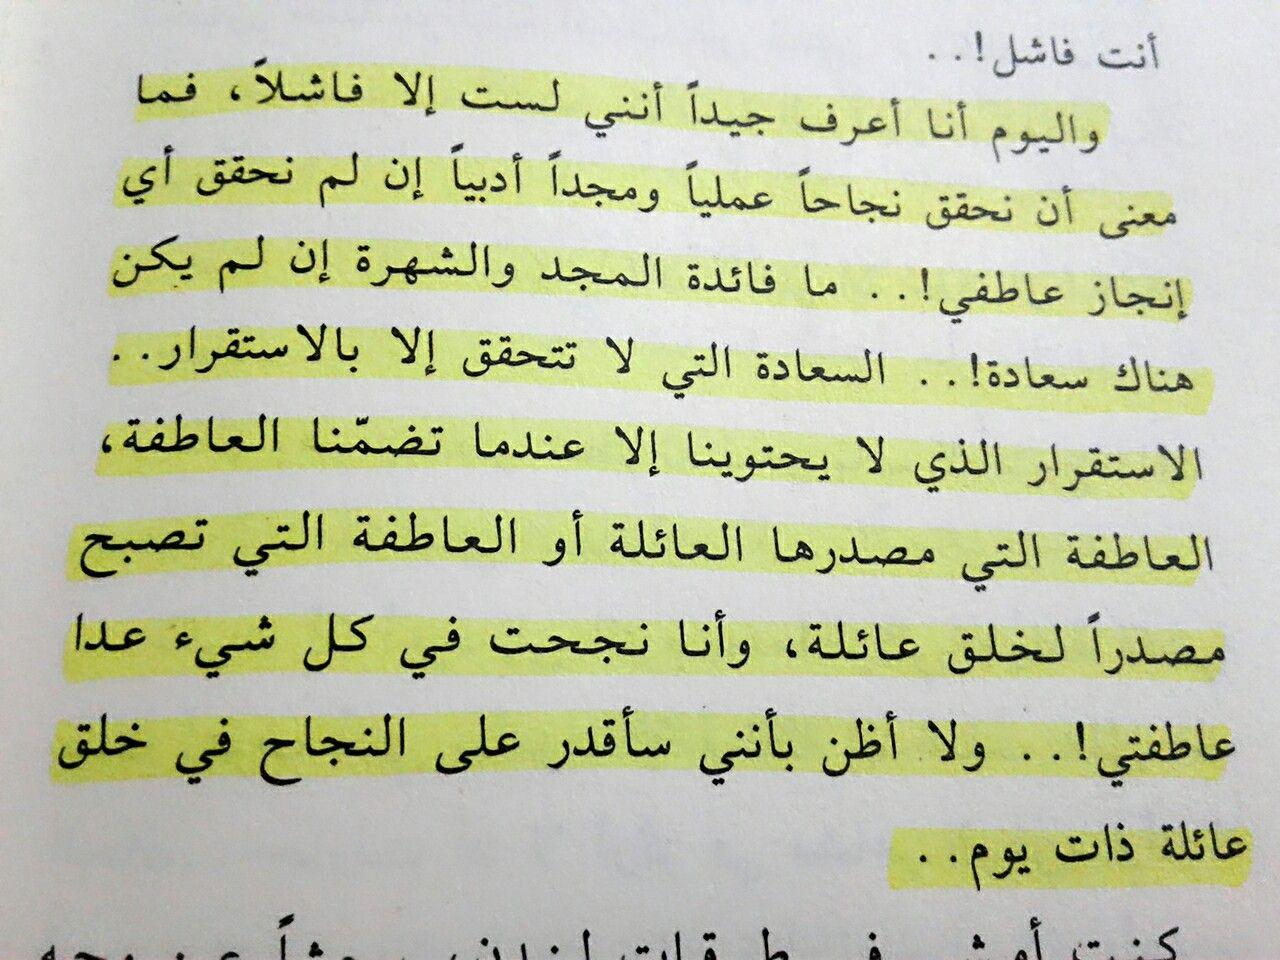 أثير عبدالله في ديسمبر تنتهي كل الأحلام Emotions Reading Lists Poetry